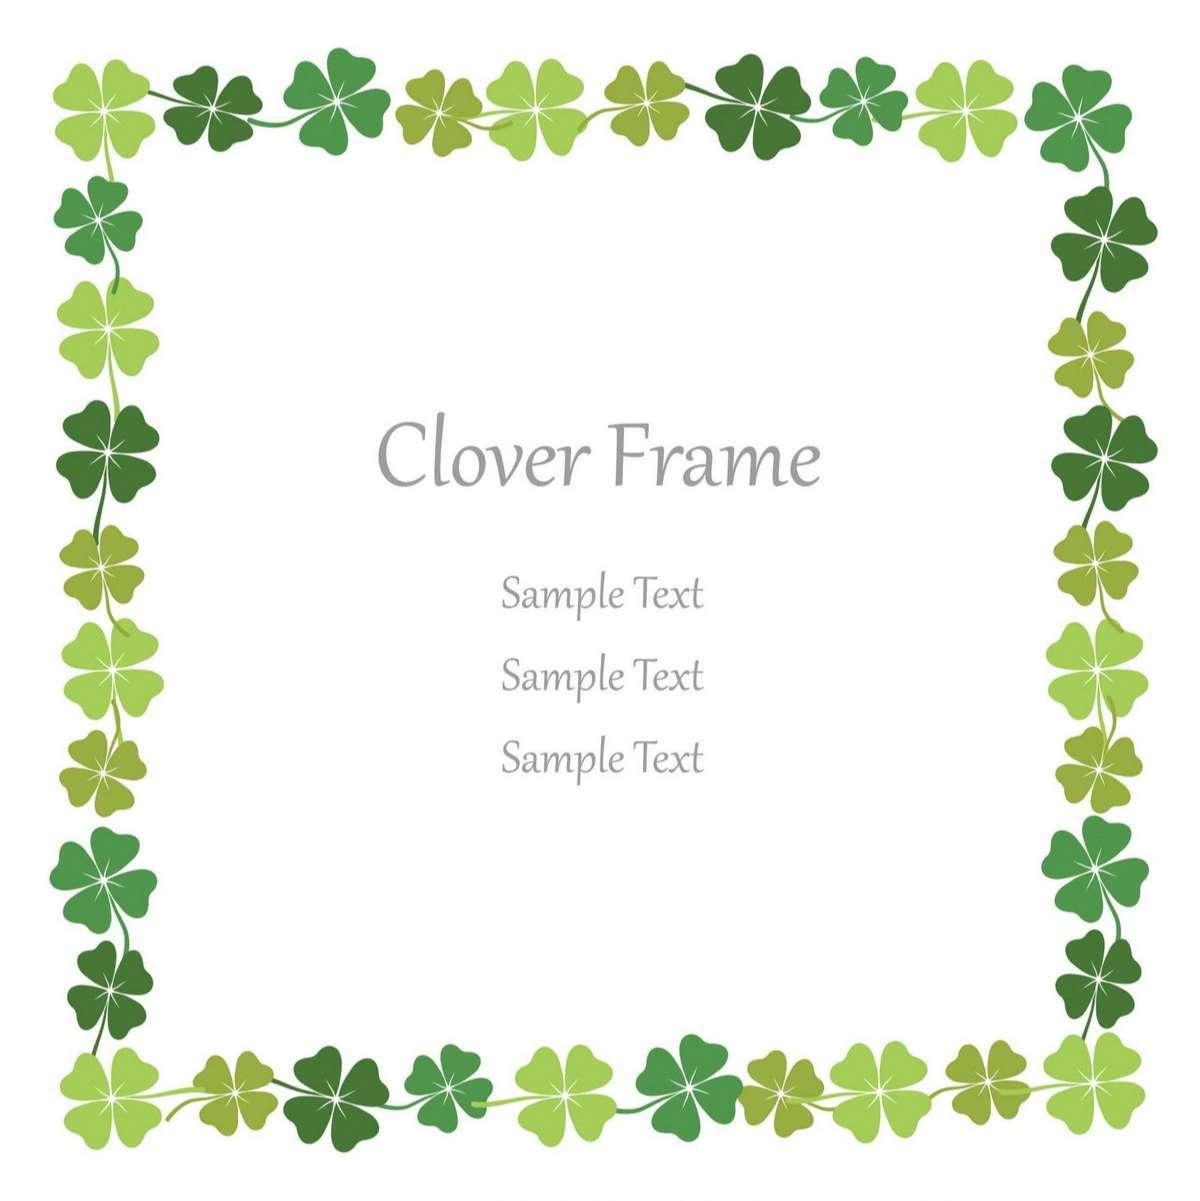 Four-leaf clover square frame